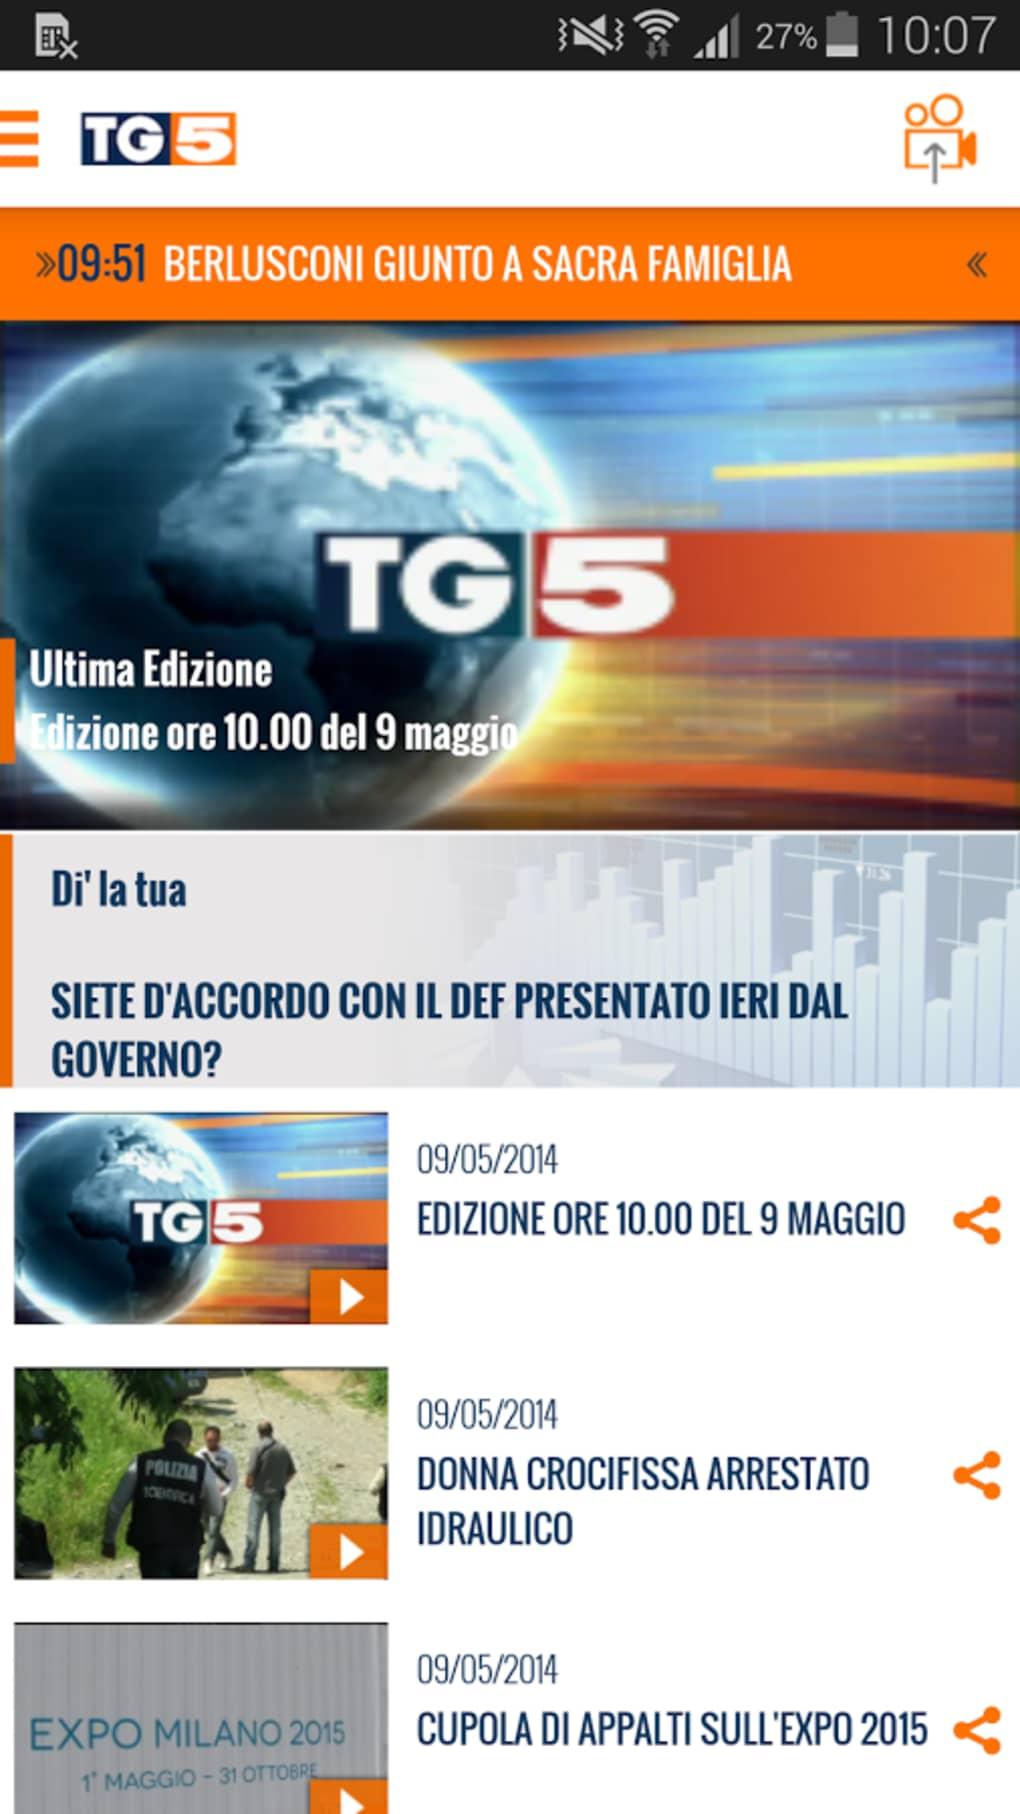 SCARICA TG5 DA